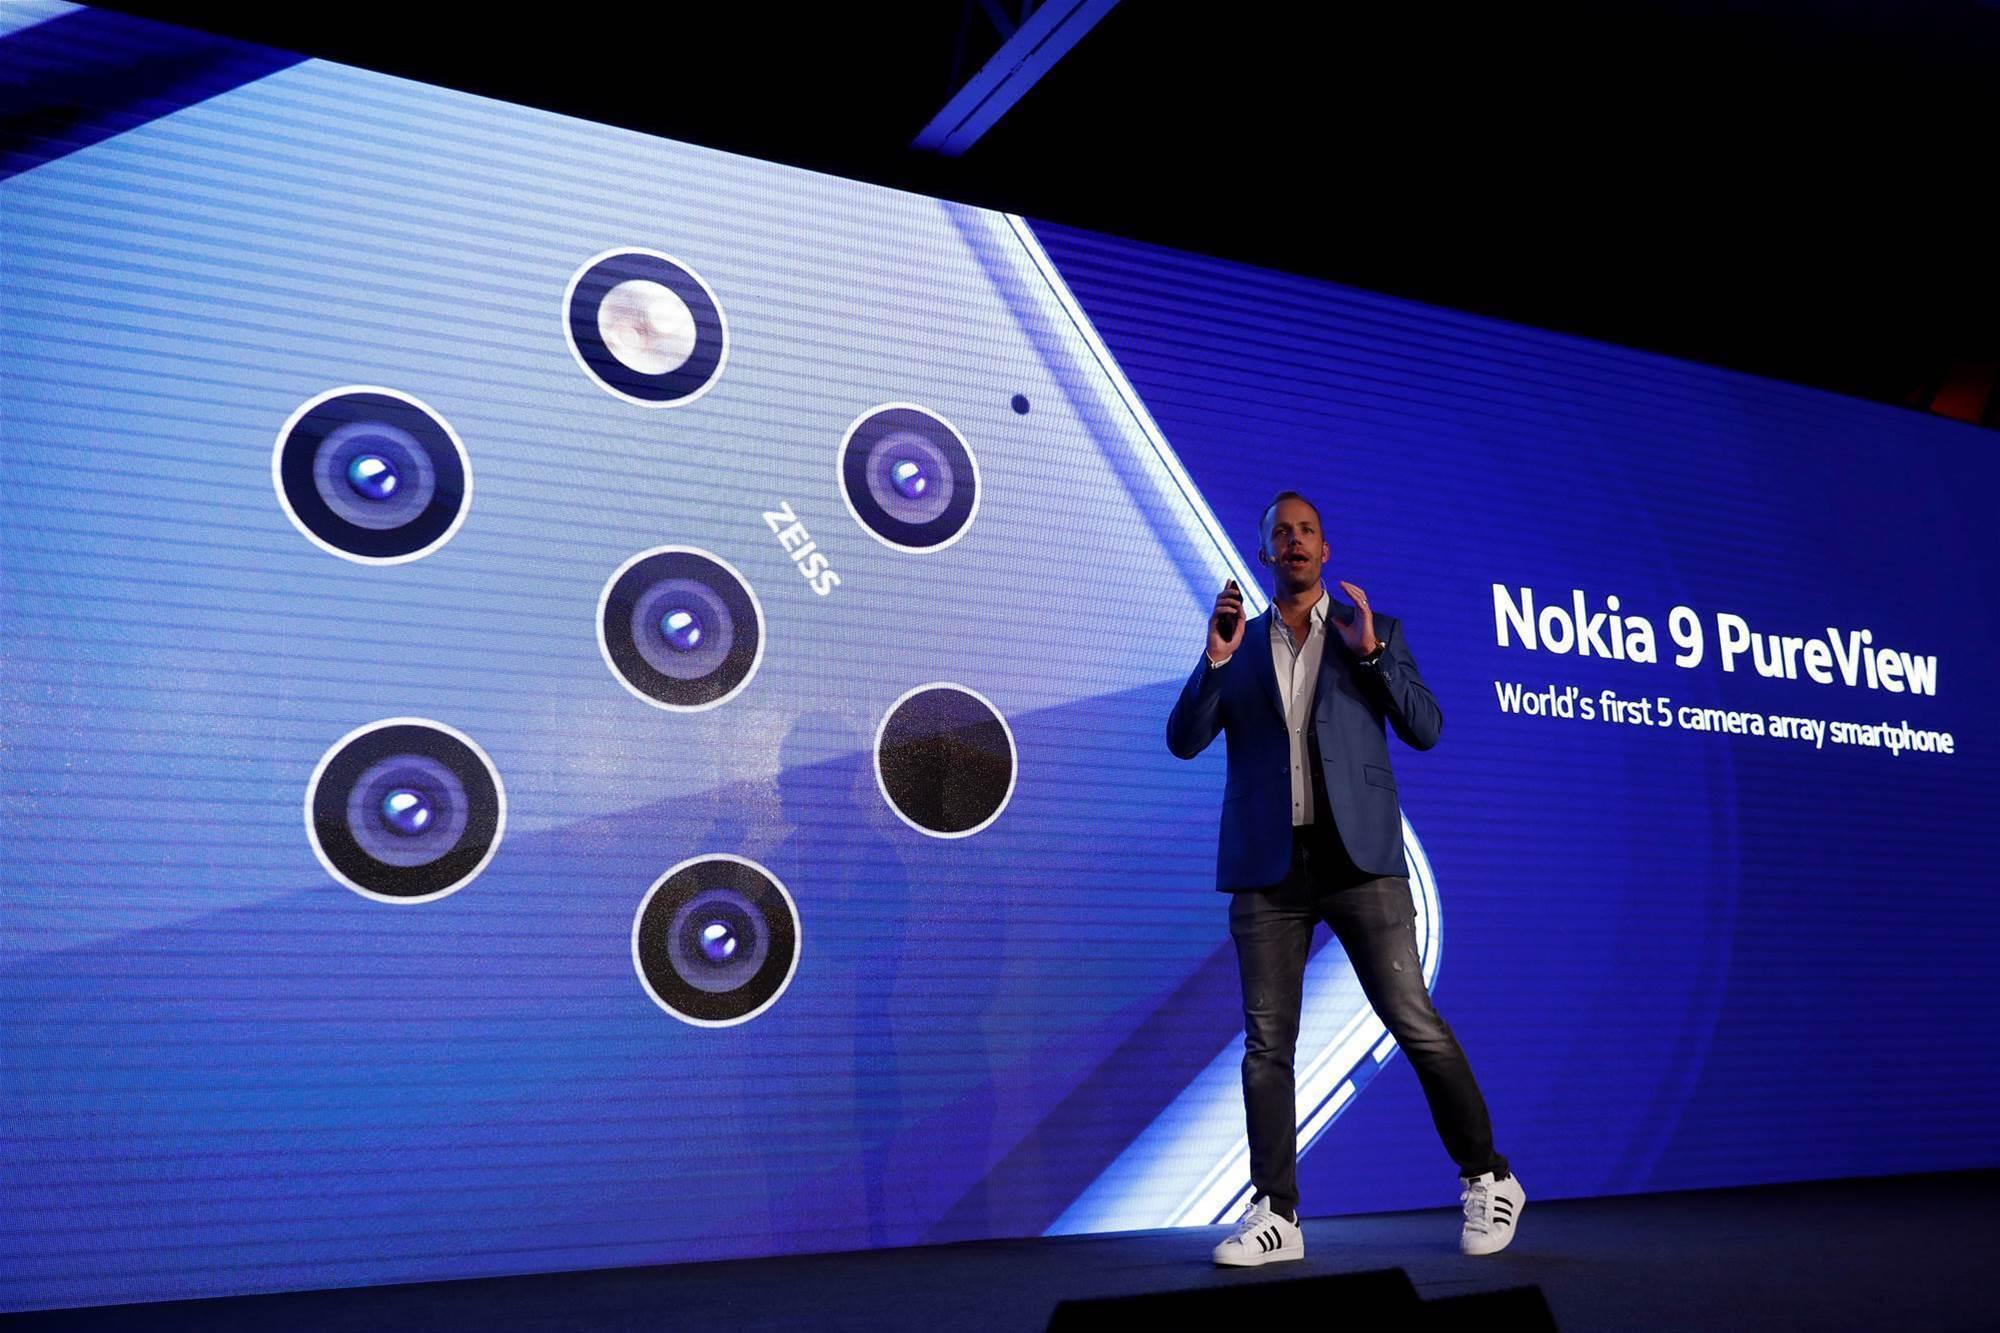 Nokia debuts smartphone with five cameras